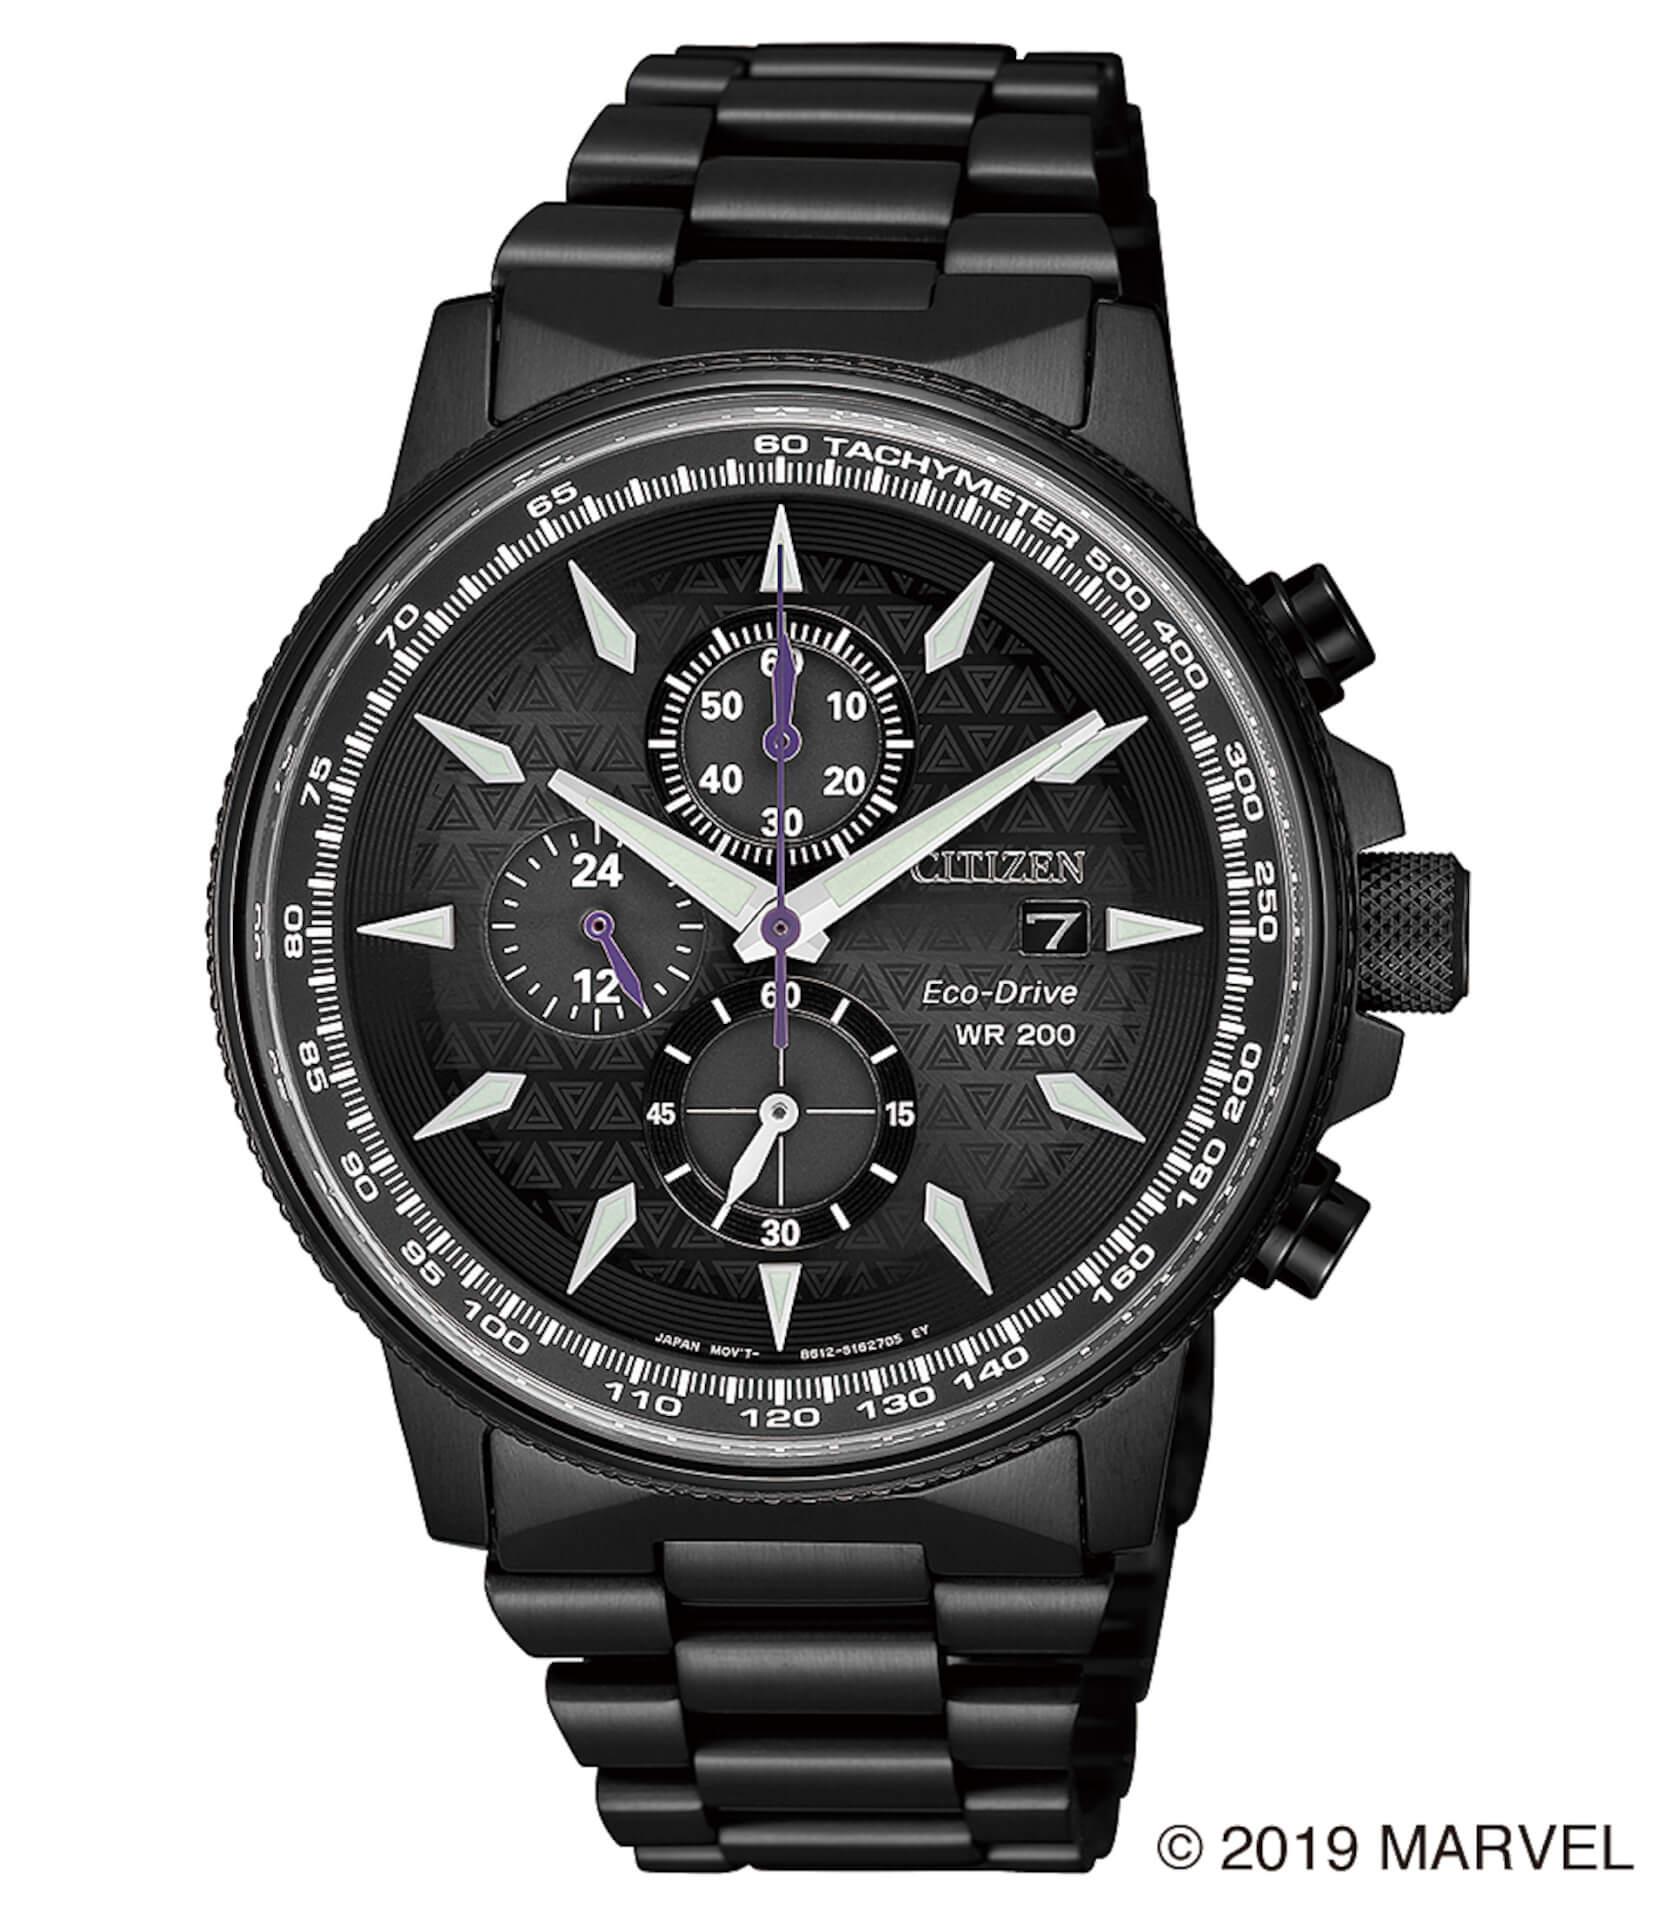 「スパイダーマン」や「キャプテン・アメリカ」が腕時計に!マーベルキャラクターをモチーフにしたシチズン腕時計全9モデルが登場 tech190919_marvel_watch_14